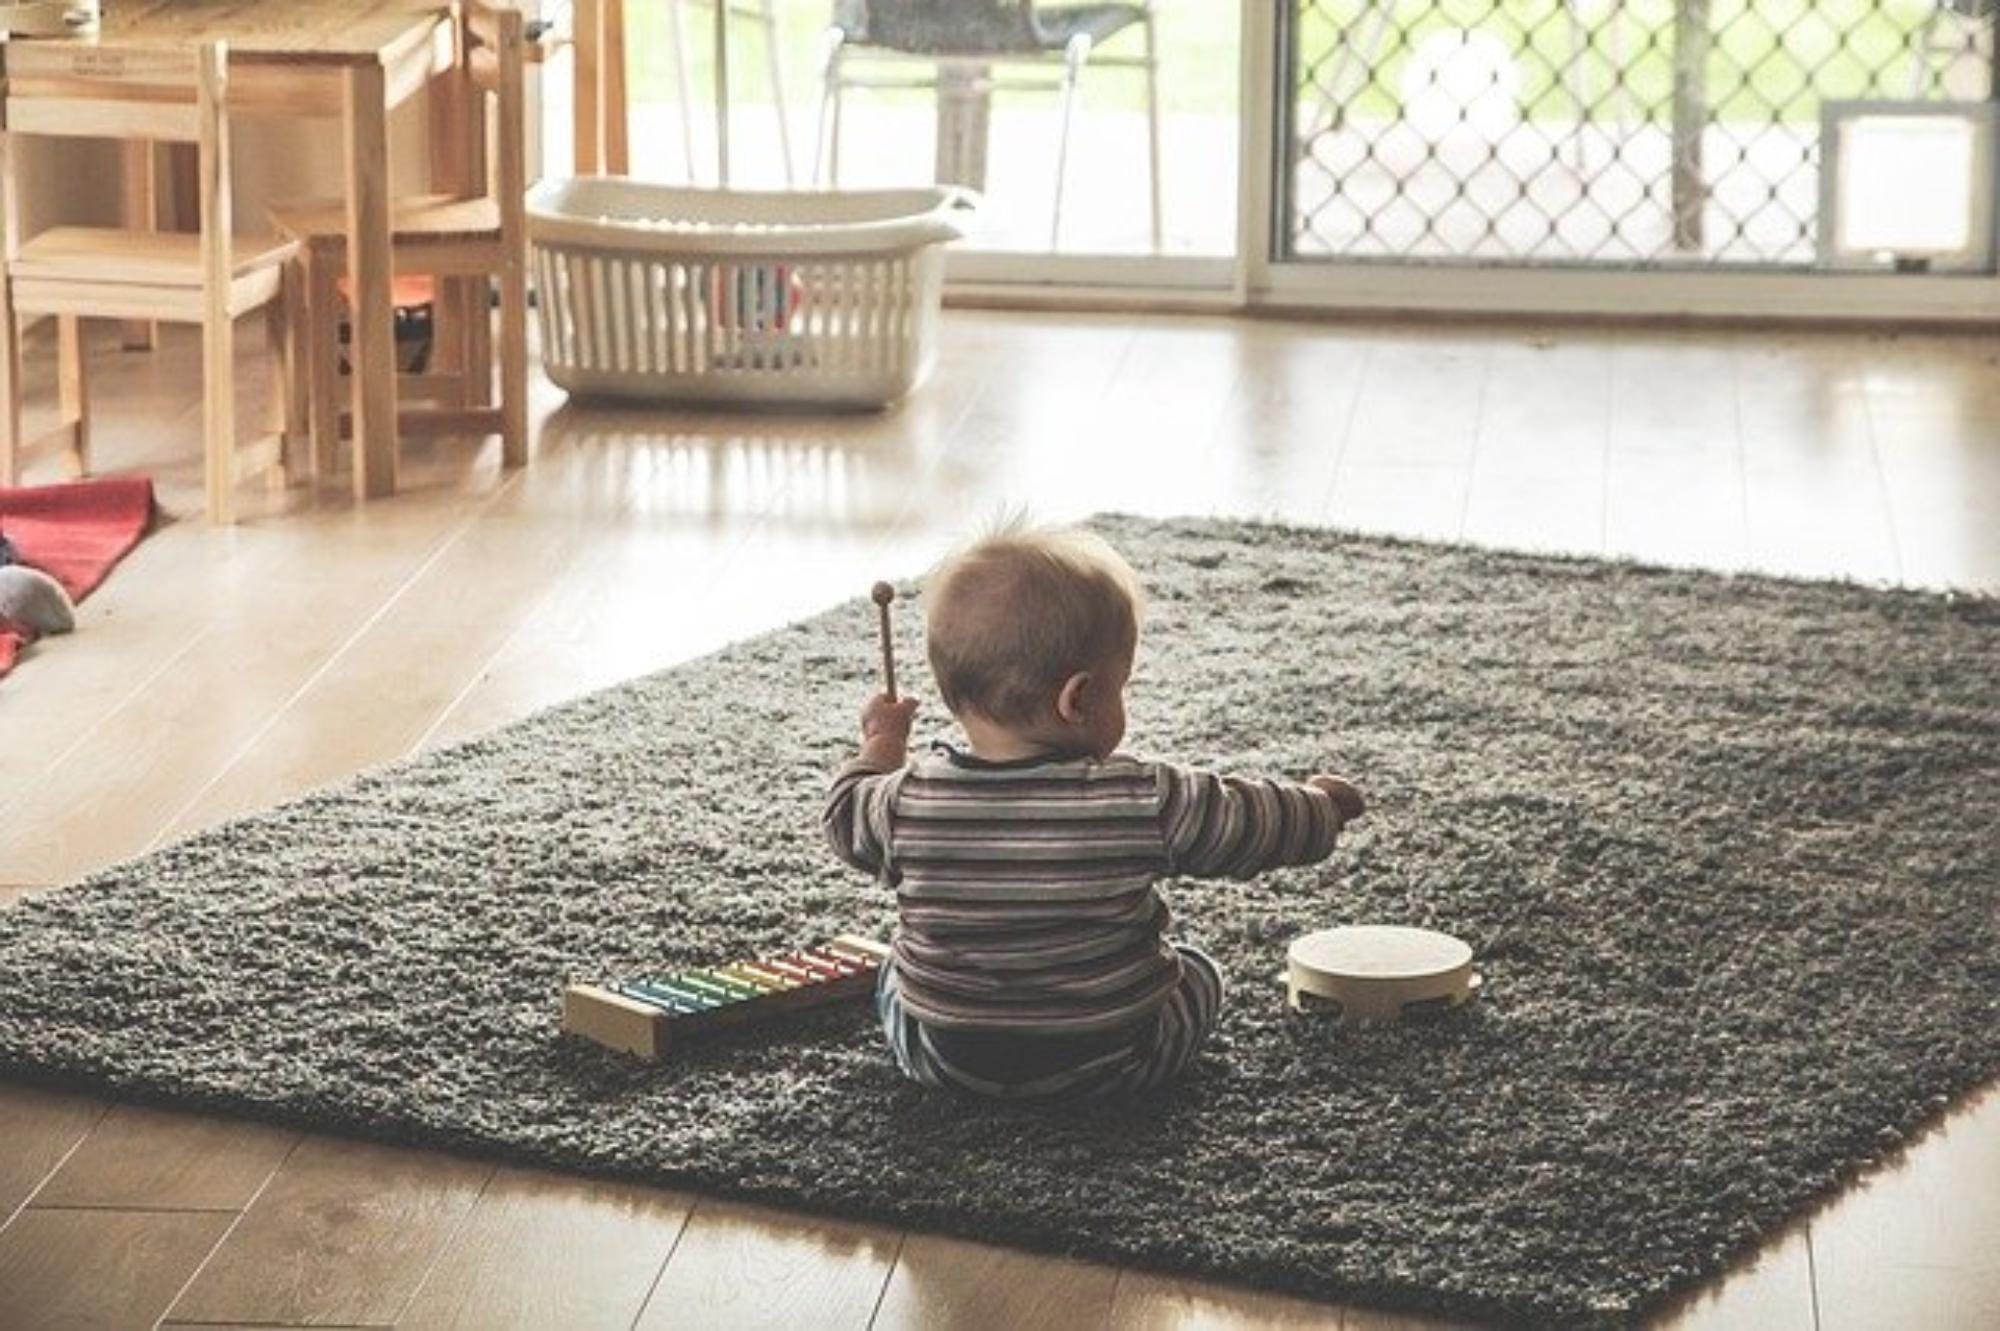 jakie zabawki kupować dzieciom